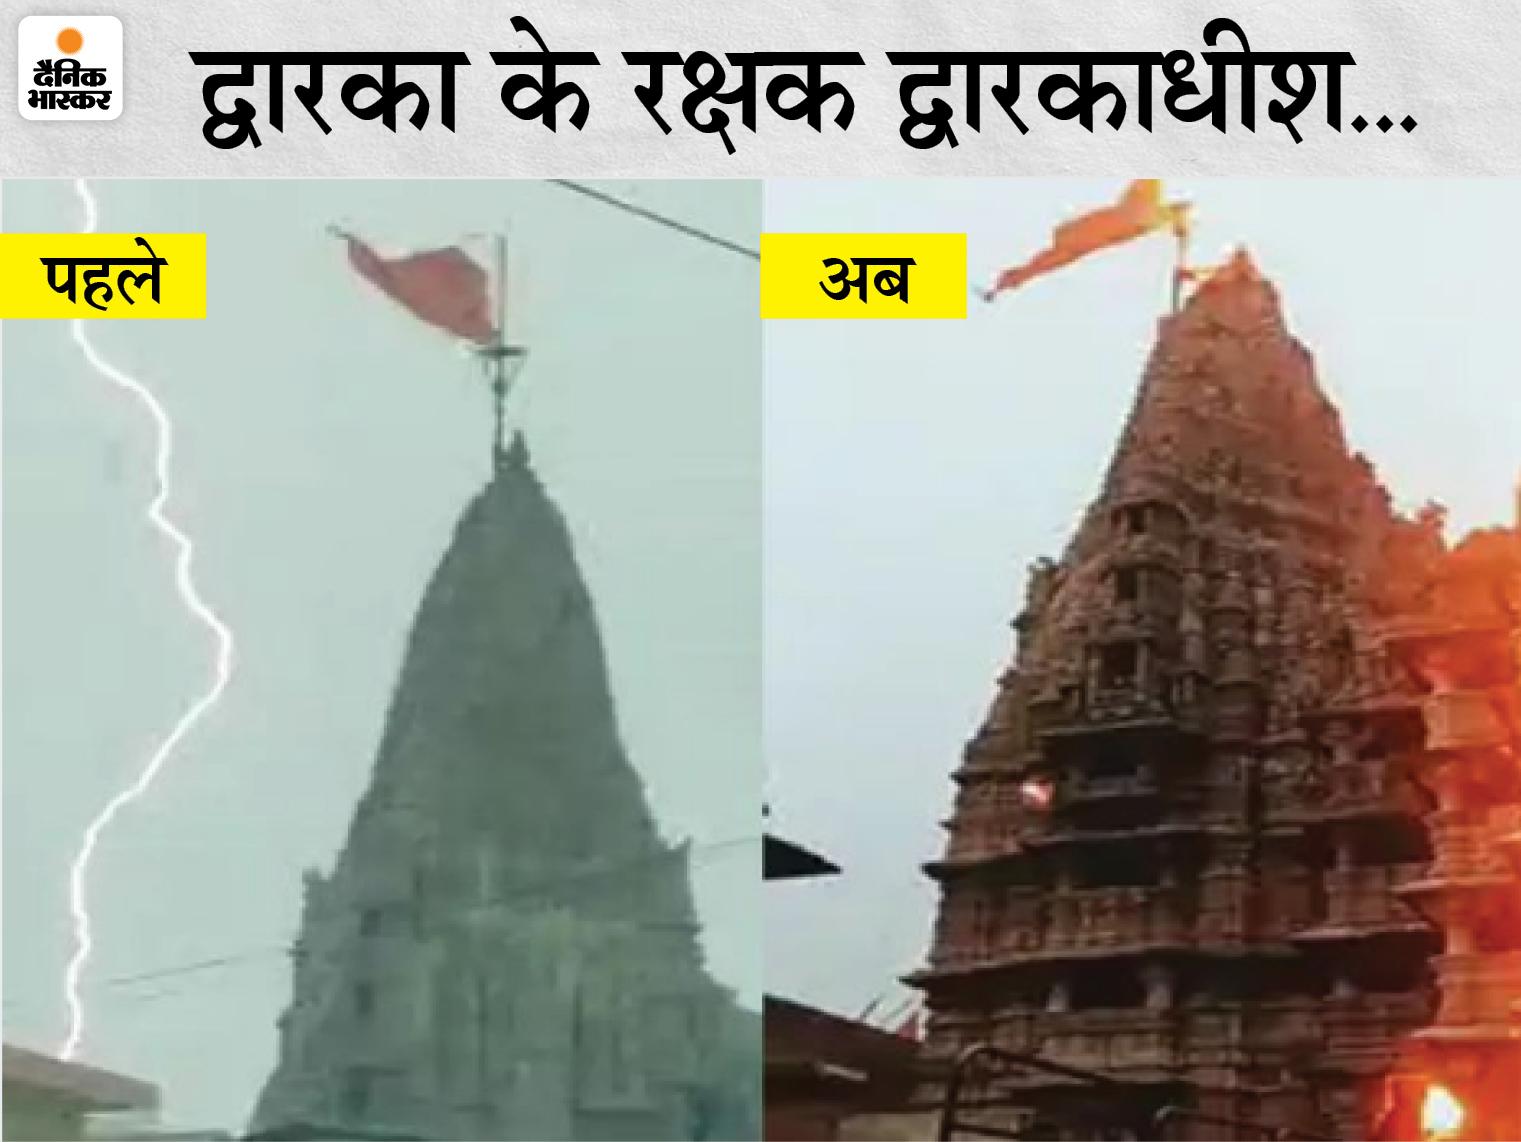 घटना से मंदिर को नुकसान नहीं, केवल दीवारें काली पड़ीं; द्वारका के लोगों ने कहा- भगवान ने हमें बचाया|देश,National - Dainik Bhaskar